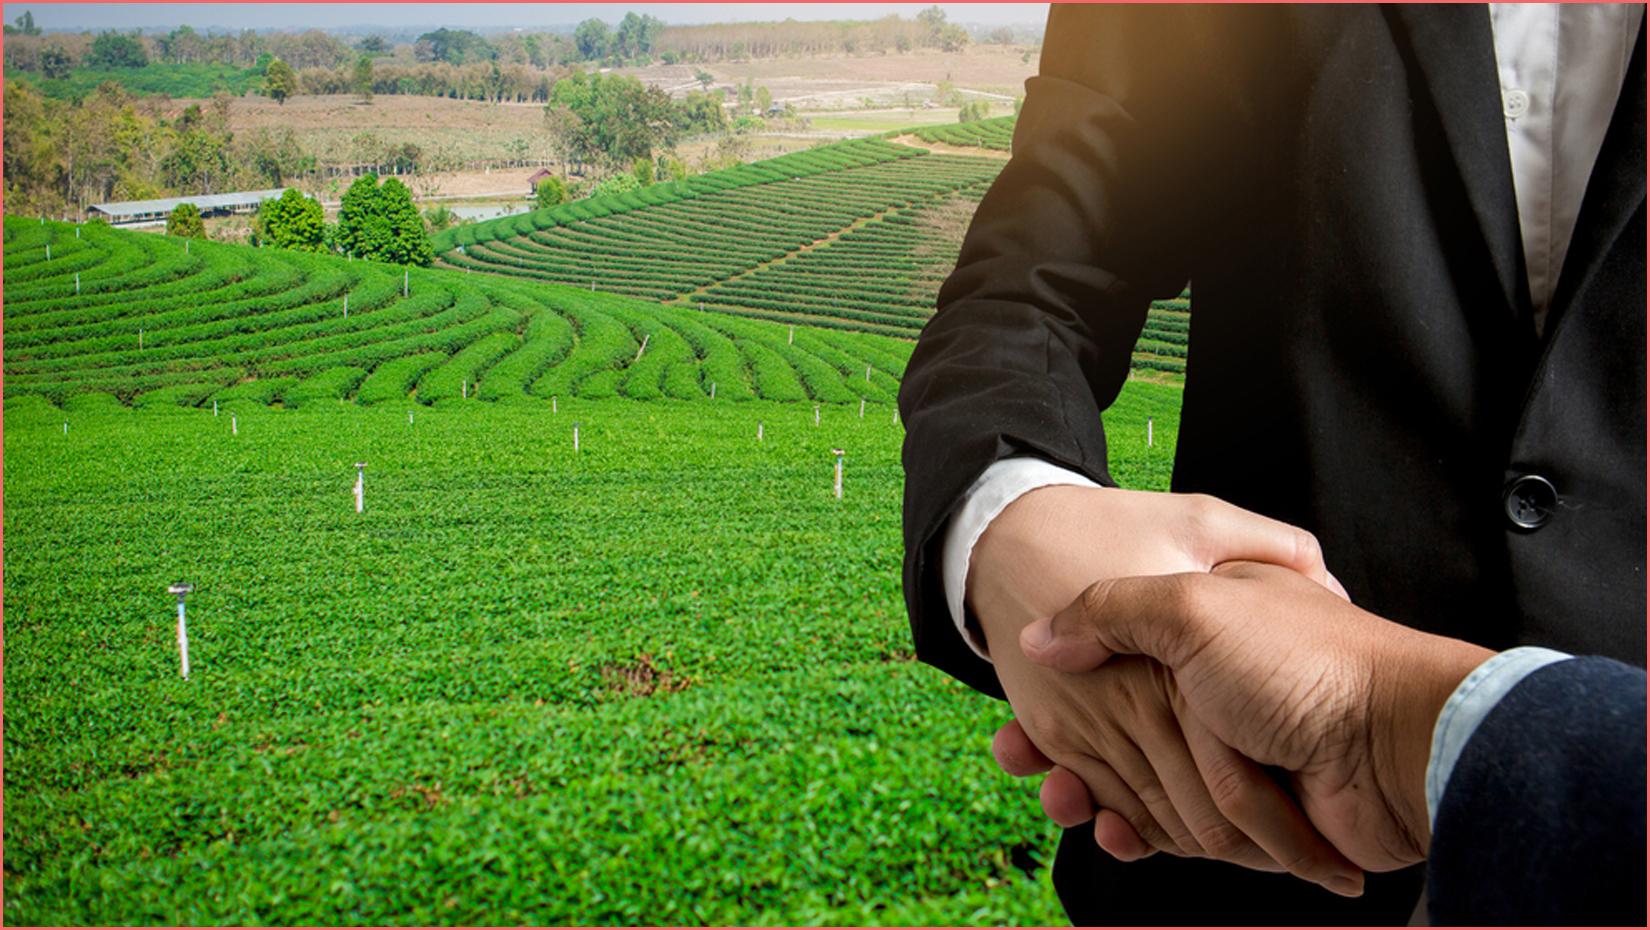 بالتفصيل كل ما تريد معرفته عن الاستثمار الزراعي في تركيا